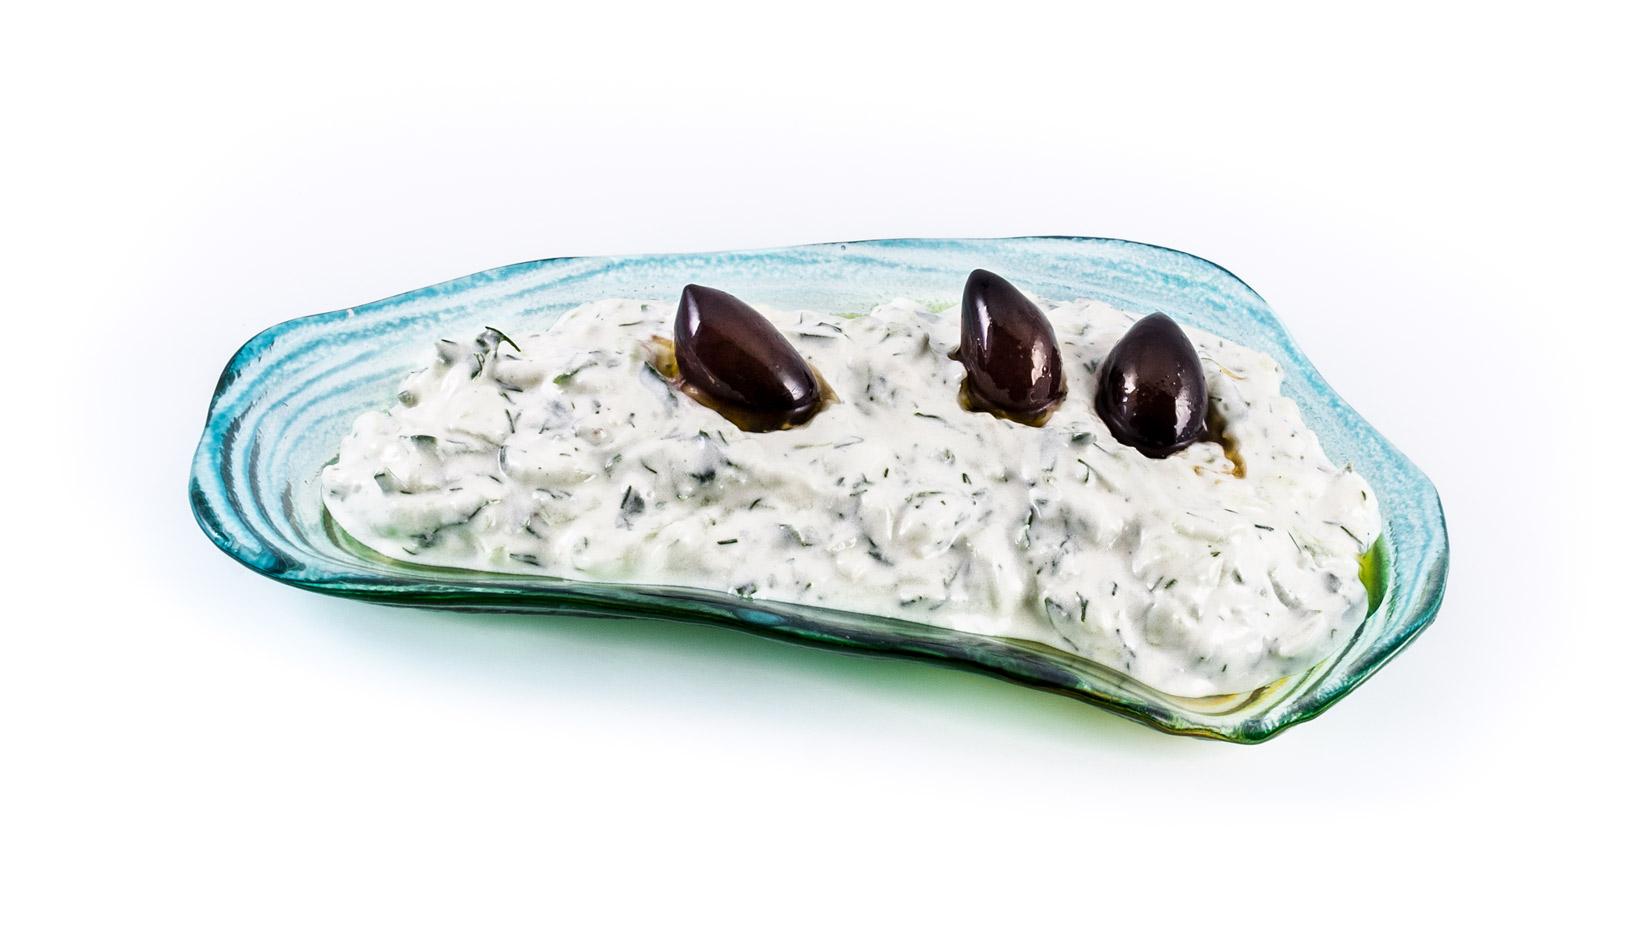 Tazatziky bez oliv by nebyly to pravé...